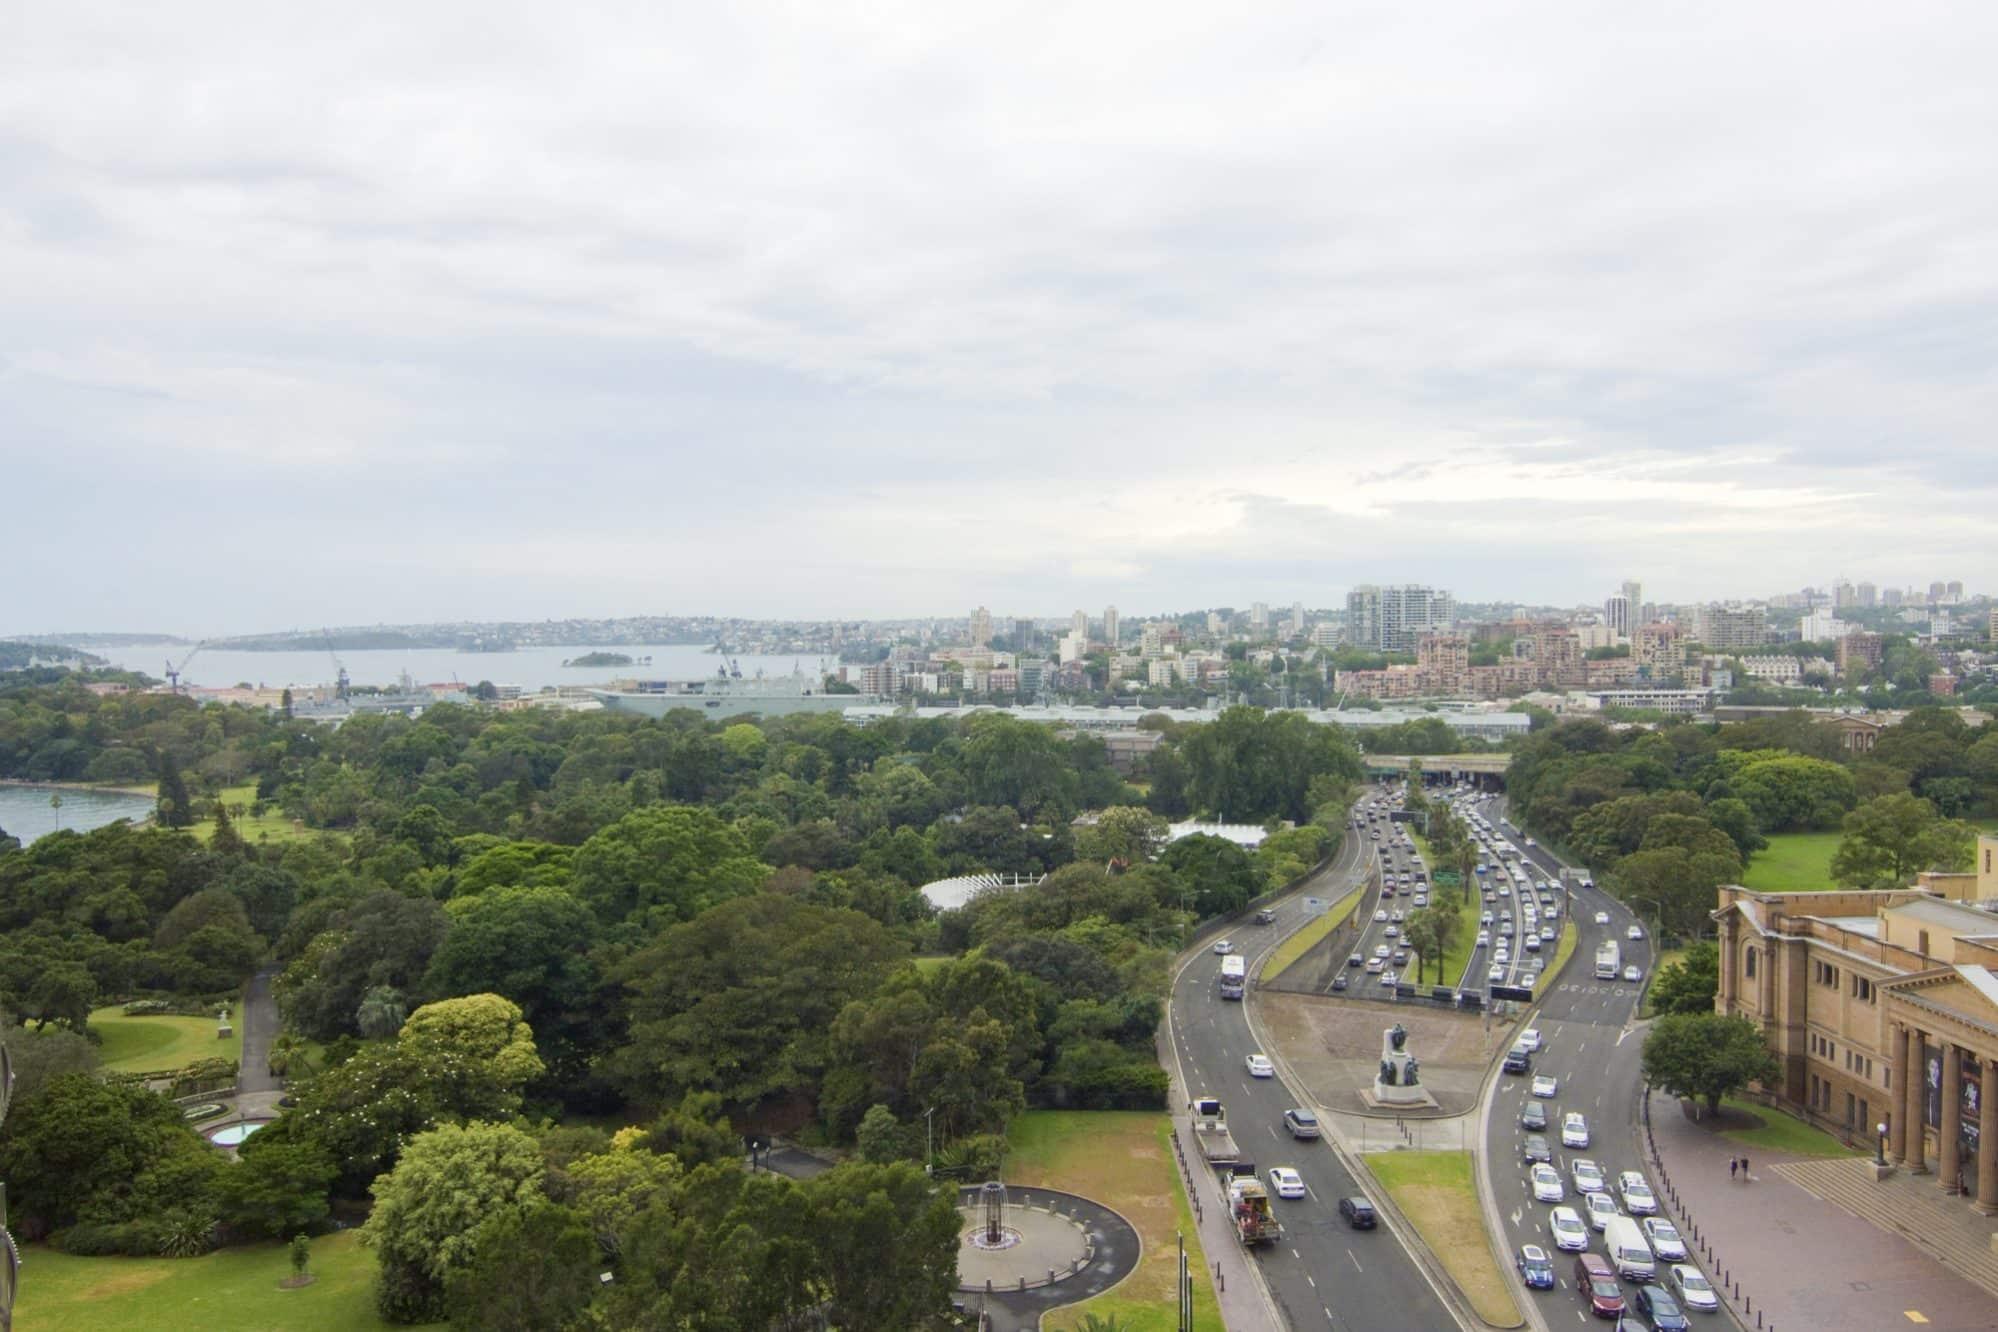 Kitchen View of Sydney